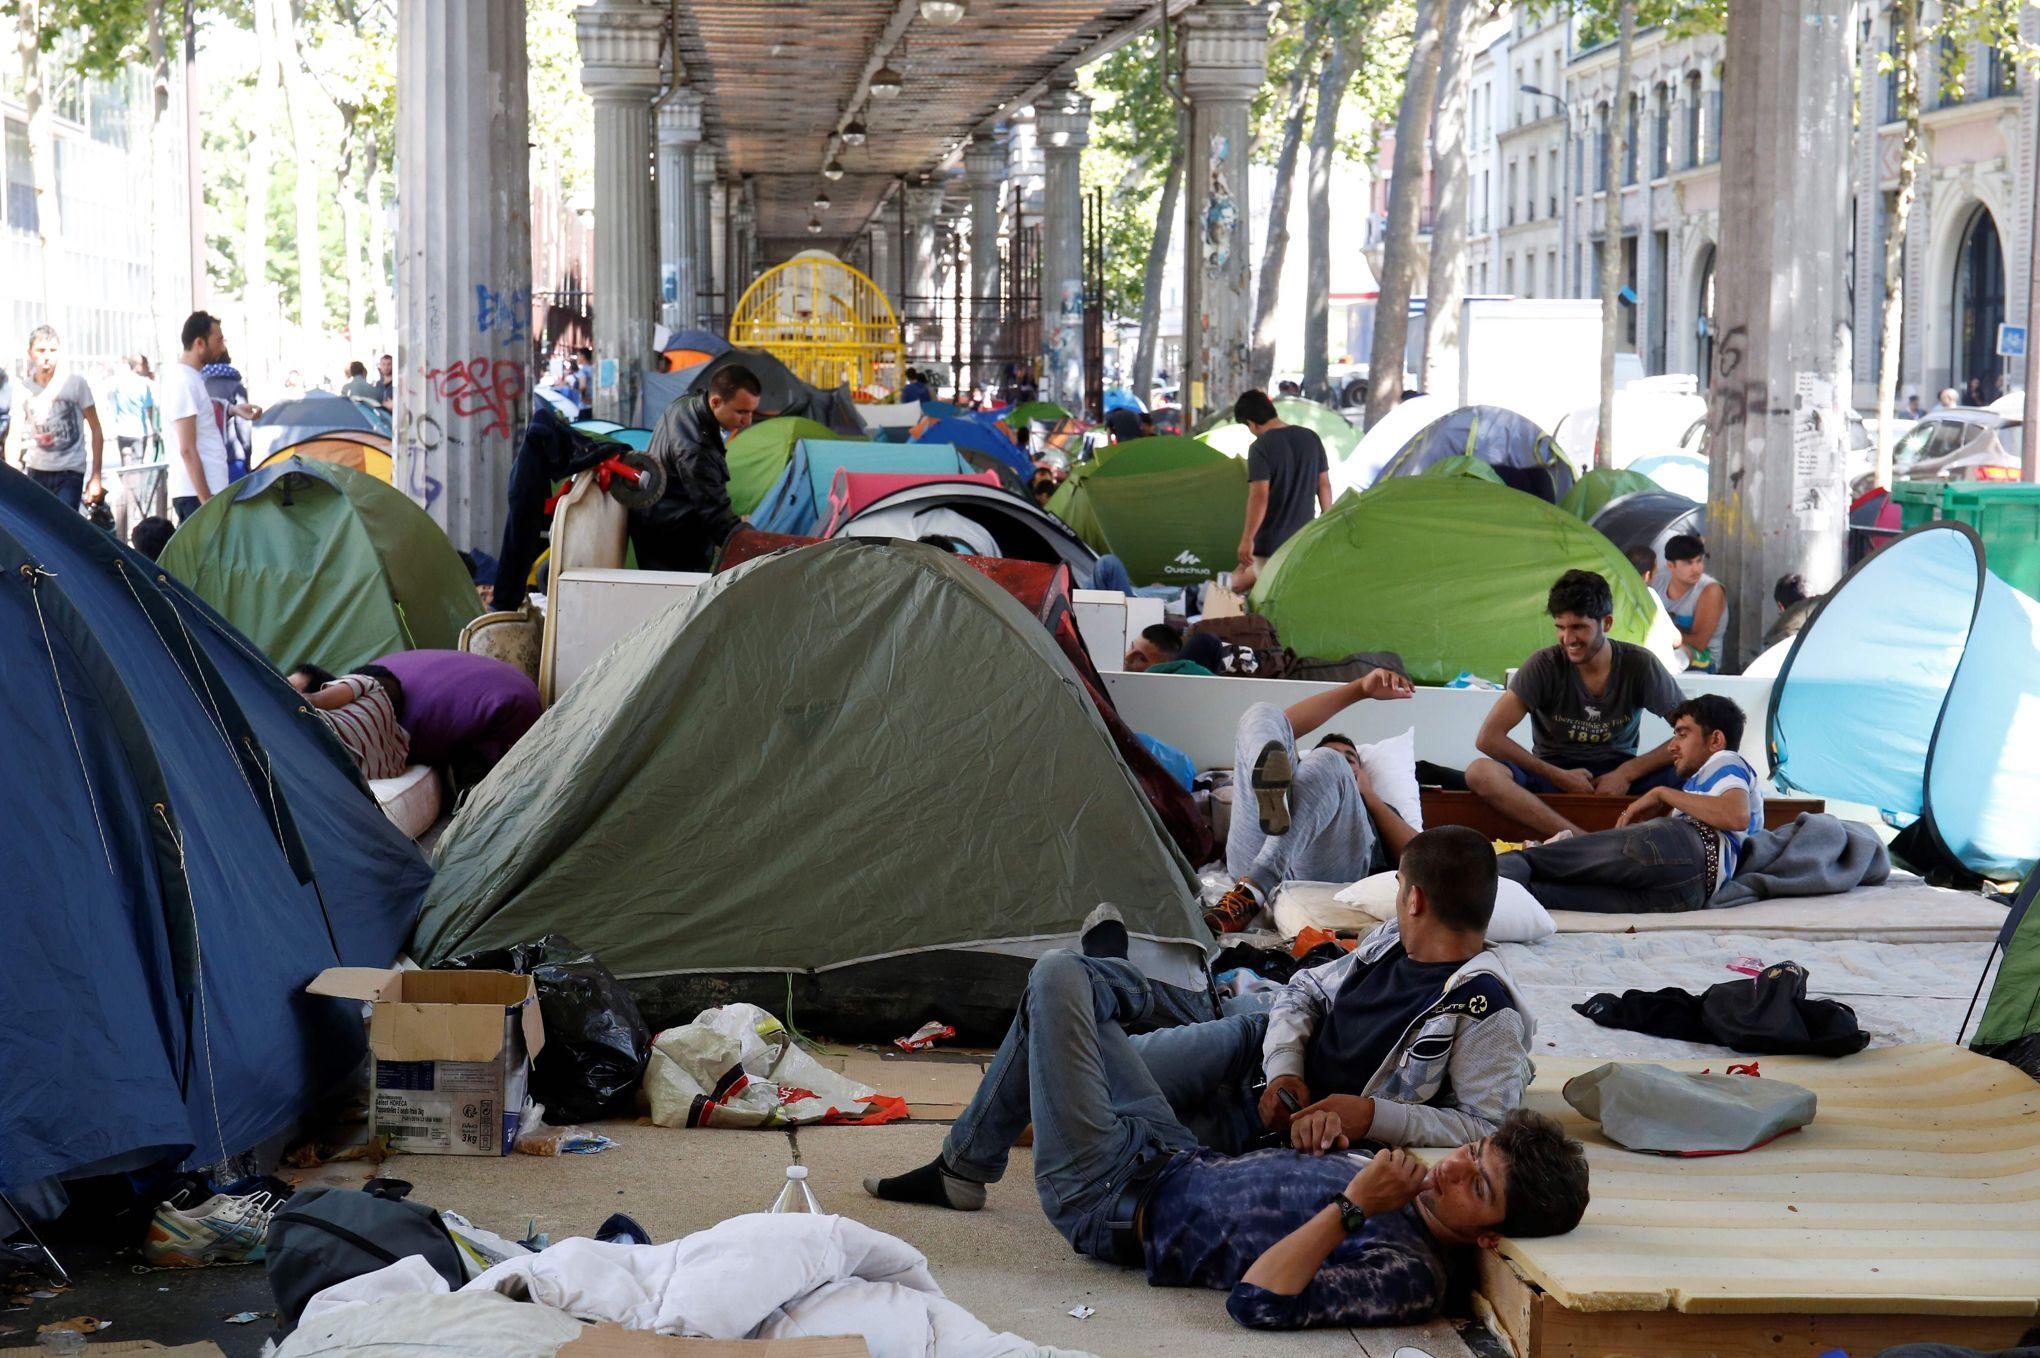 Croc-en-jambe de Macron à Hidalgo : 3 nouveaux centres d'accueil de migrants dans le cloaque parisien